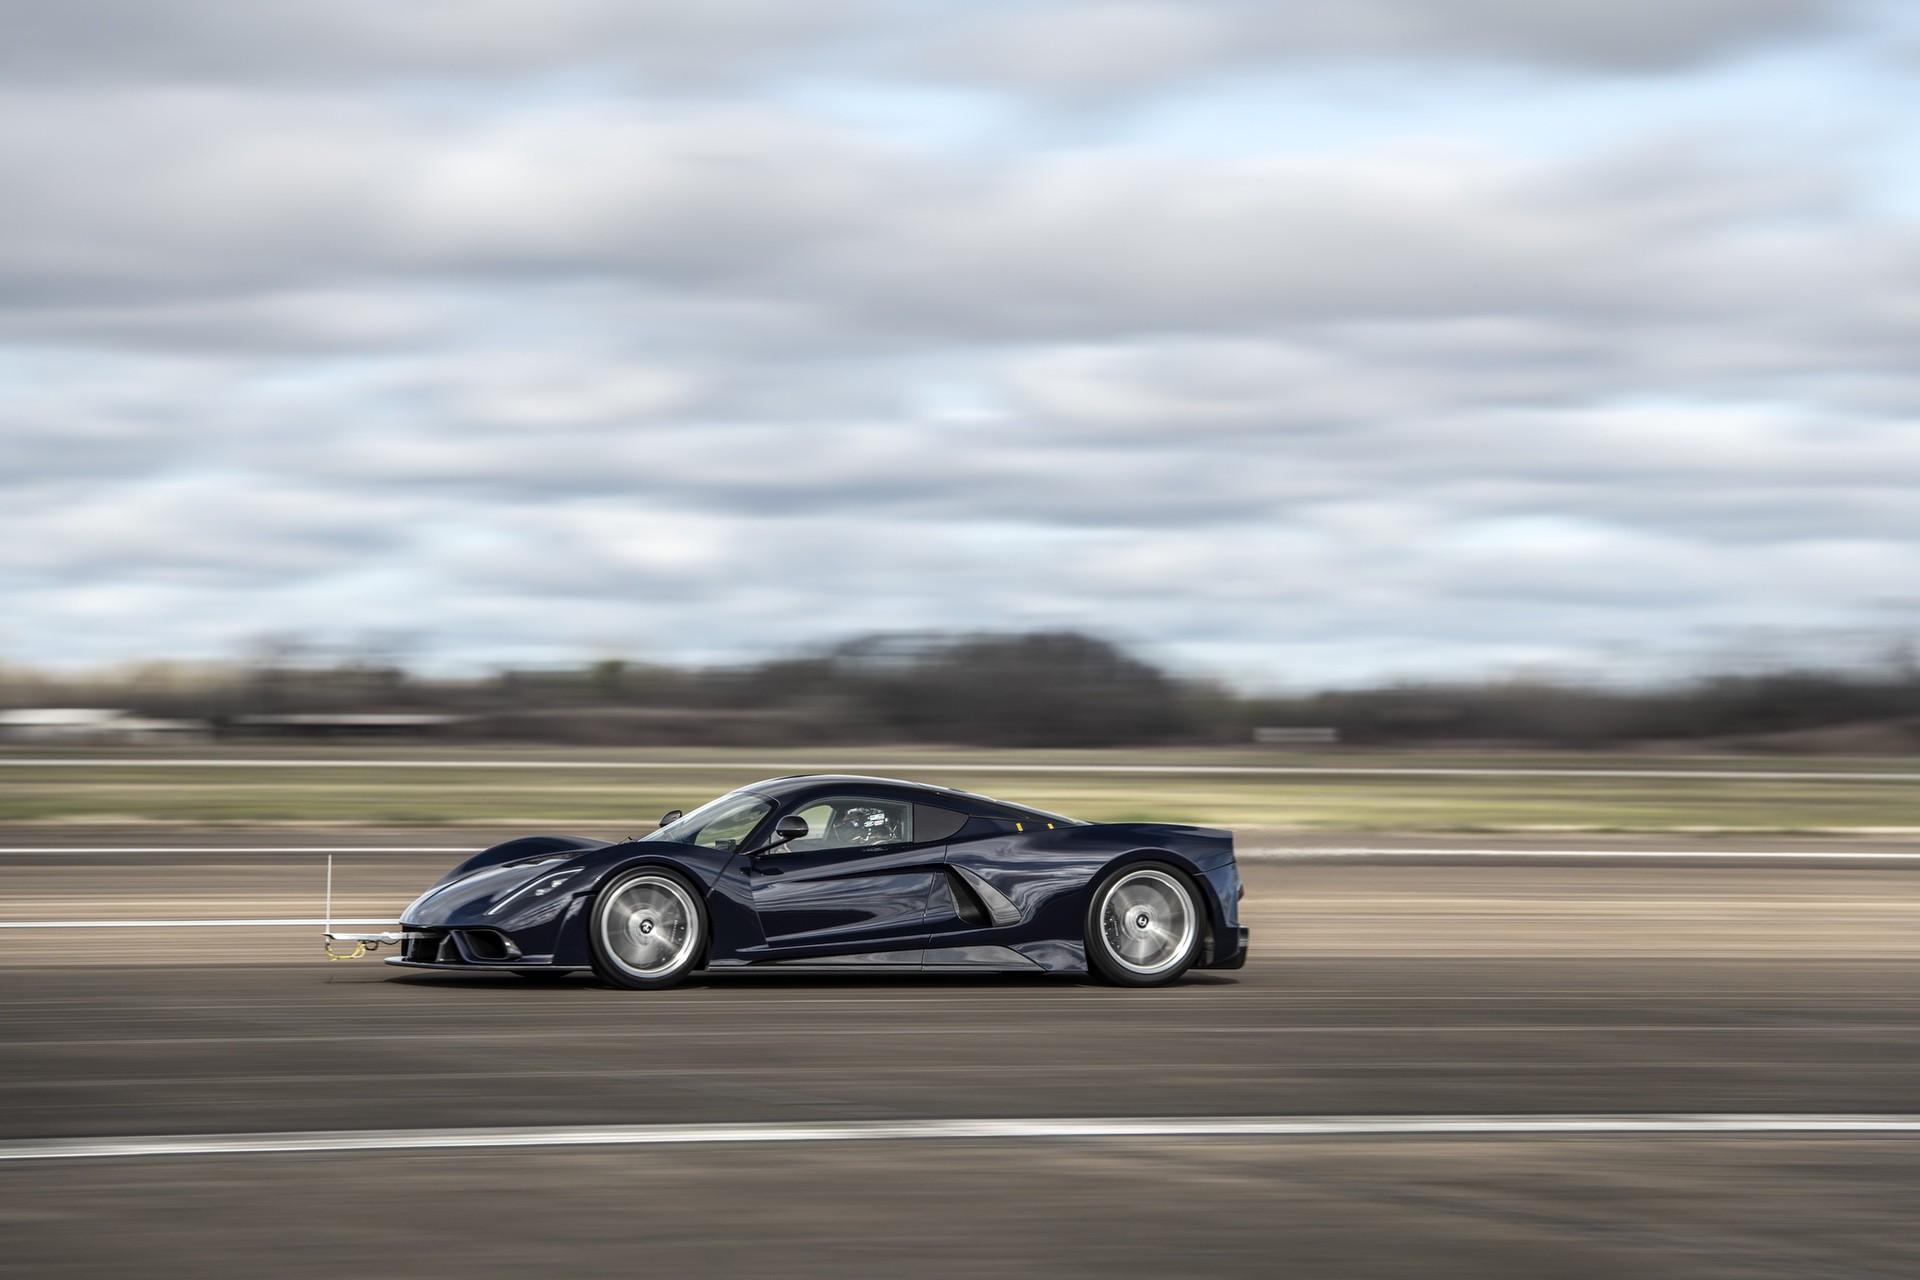 venom-f5-aerodynamic-testing-1